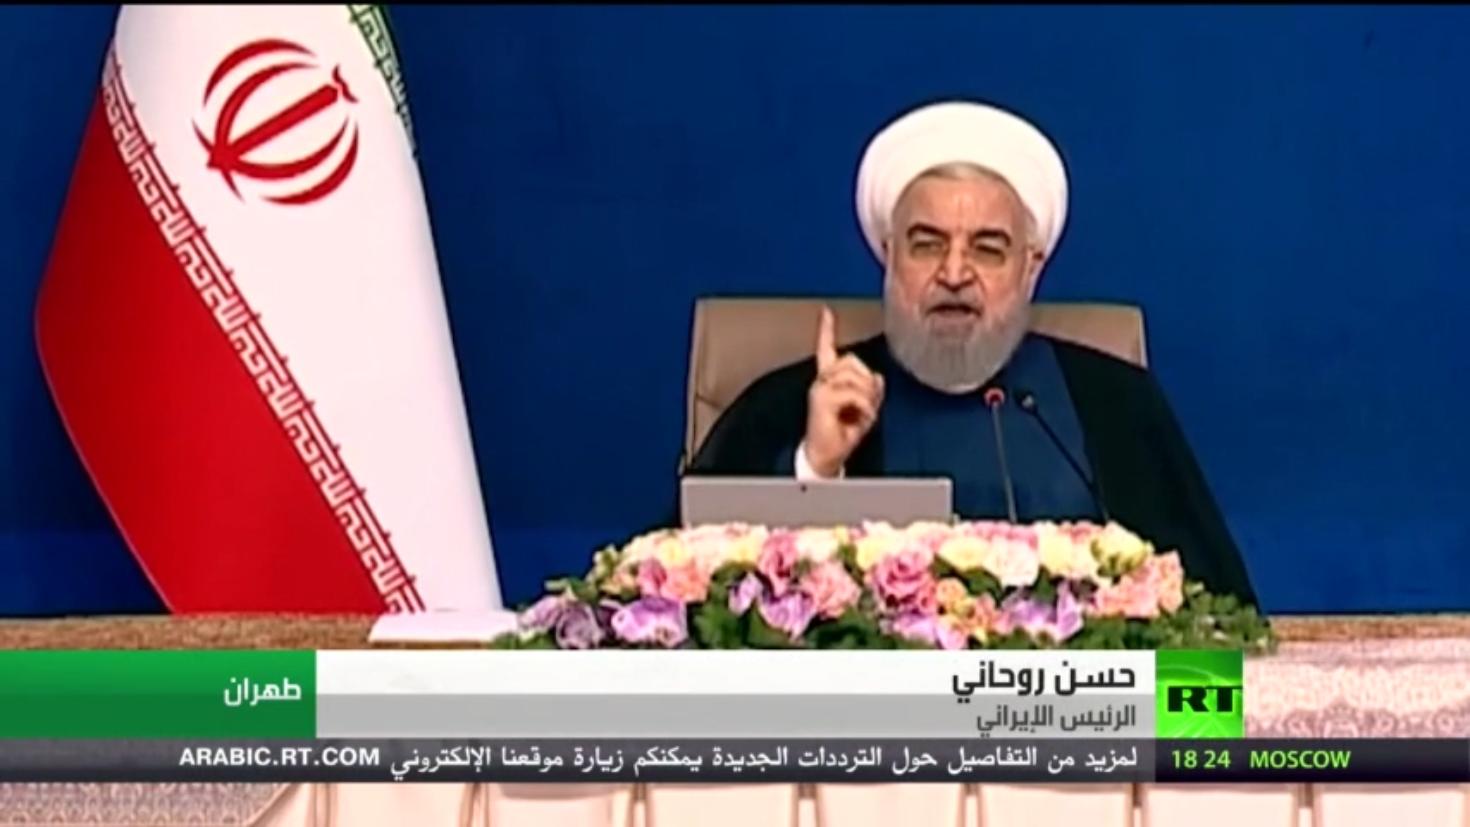 روحاني: لا بد أن تعود واشنطن للاتفاق النووي